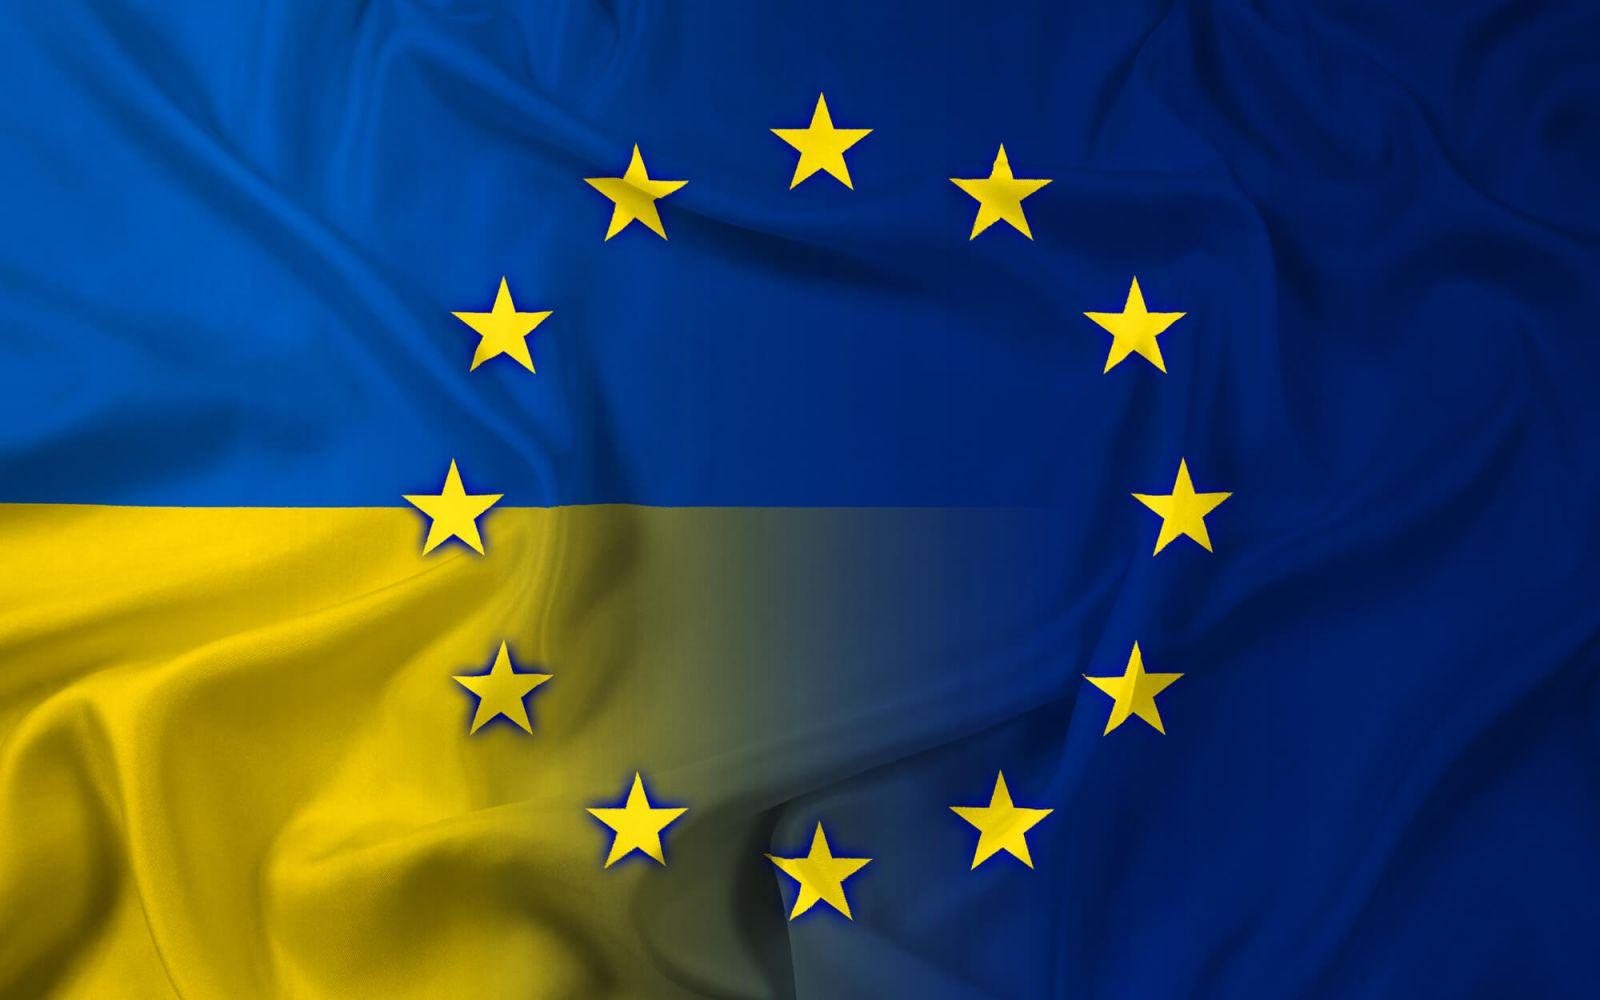 Имидж или выгода? Что дало украинской экономике Соглашение об ассоциации...